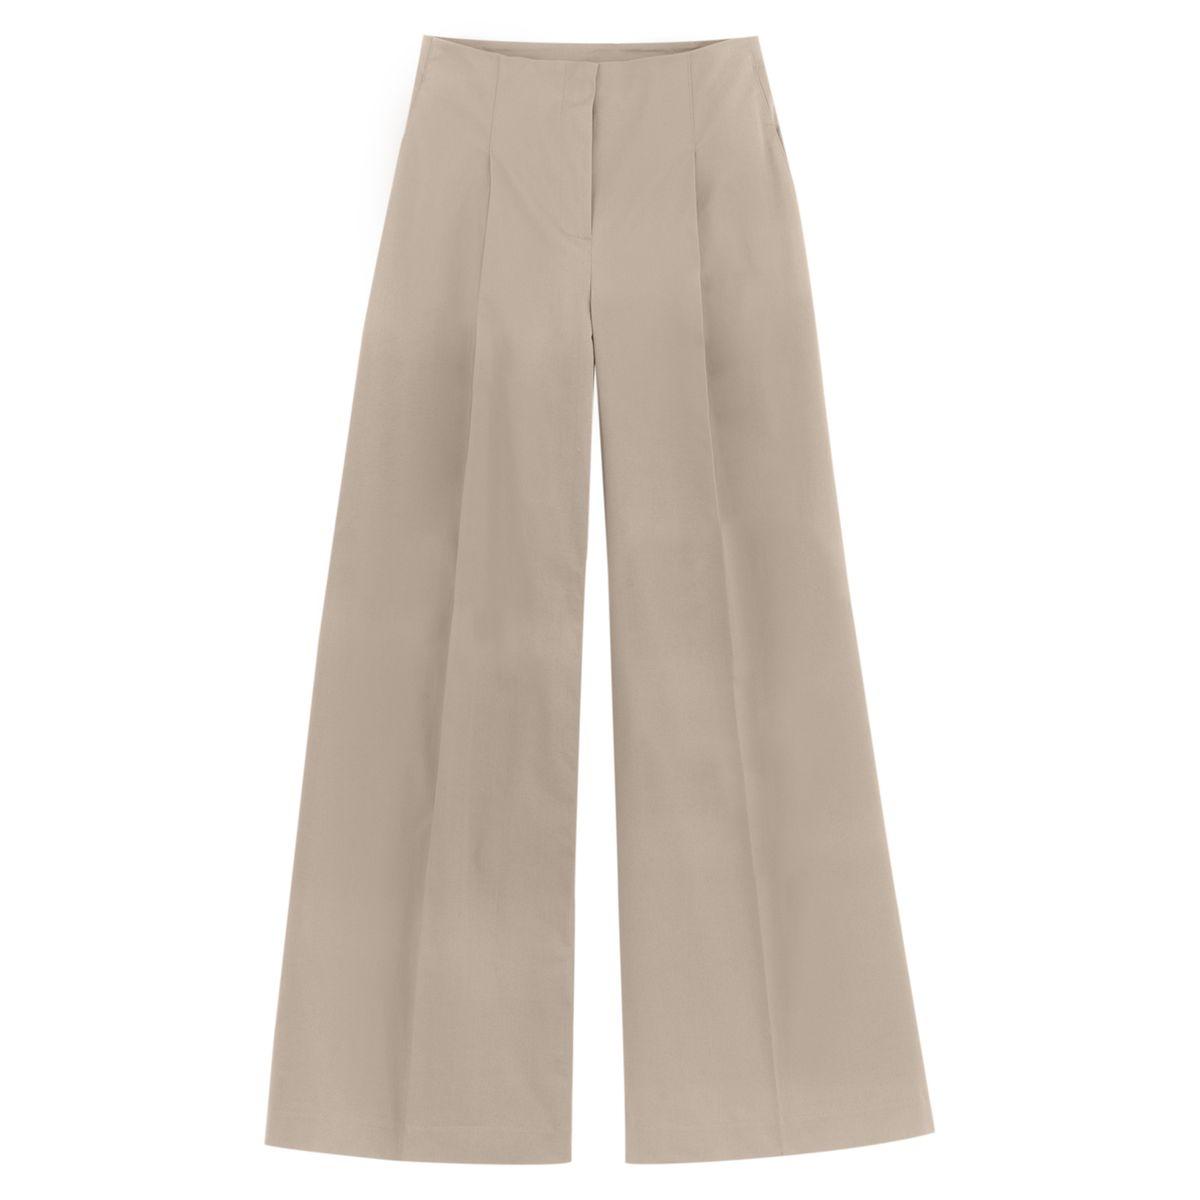 Pantalon large, taille haute, plis lâchés